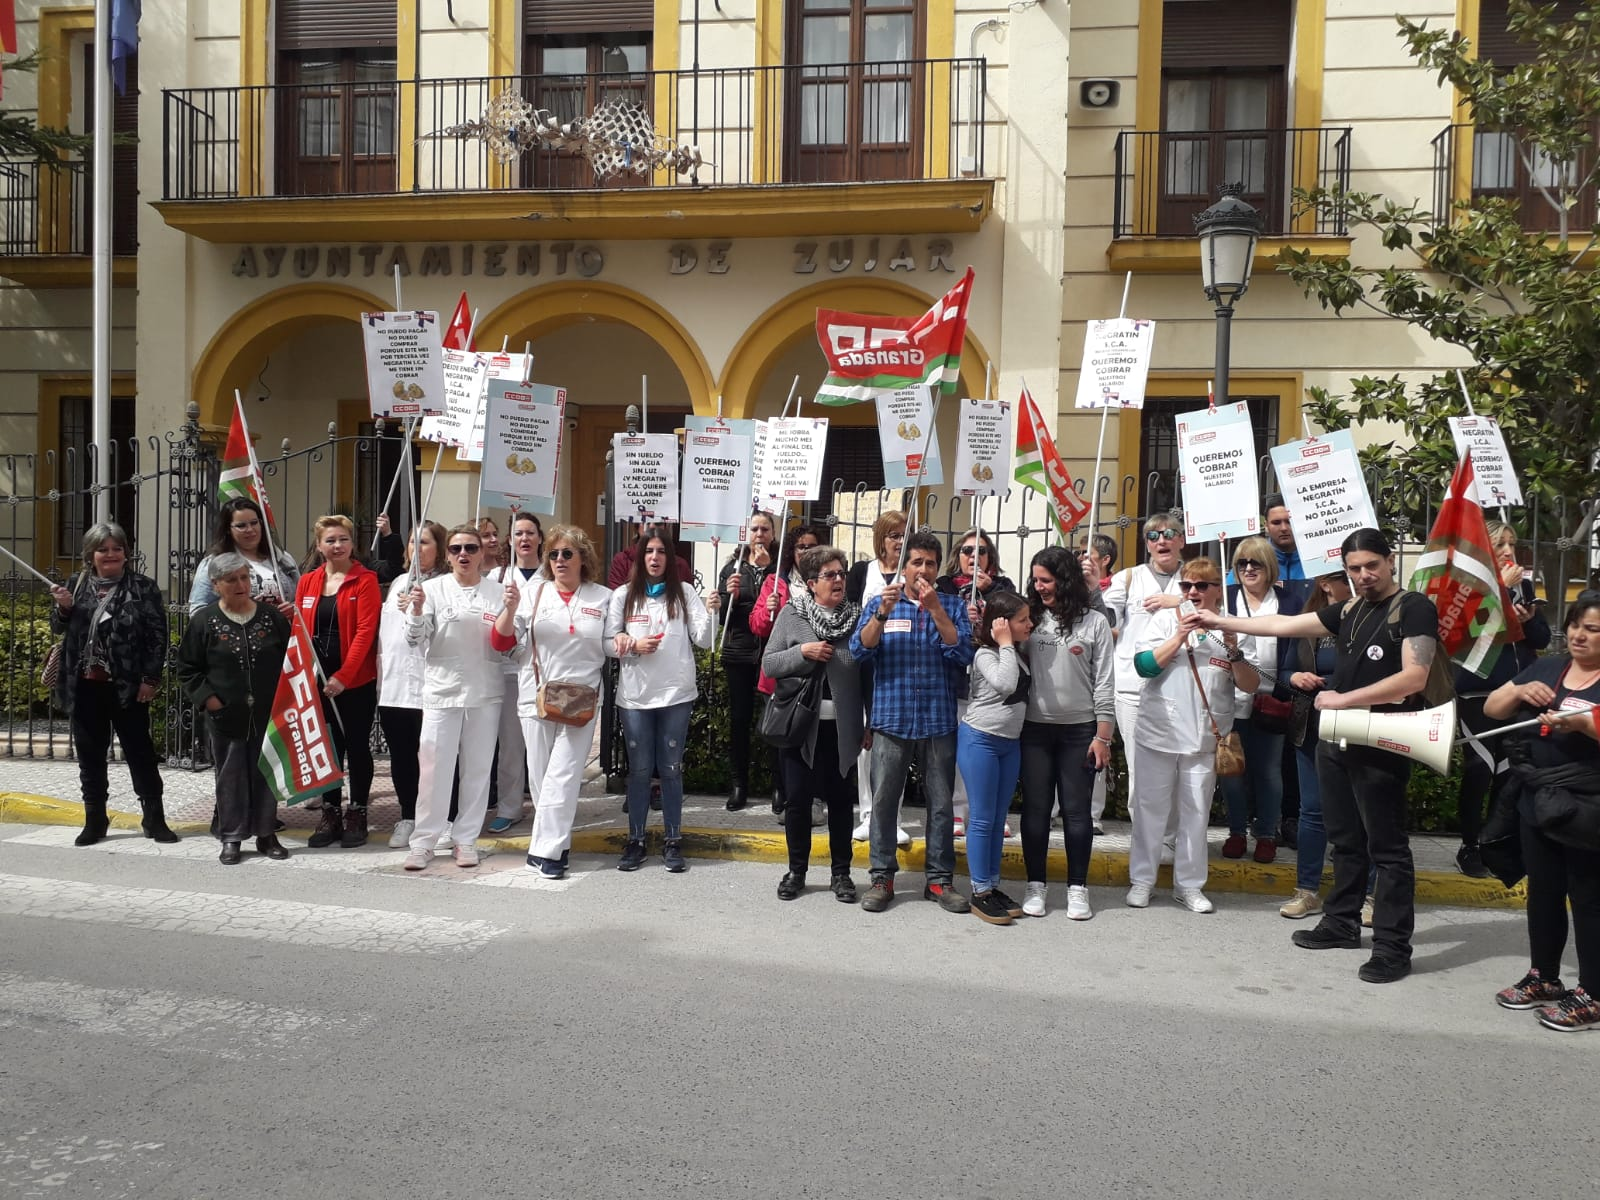 Las trabajadoras de ayuda a domicilio de Zújar se manifiestan por el impago de salarios que sufren